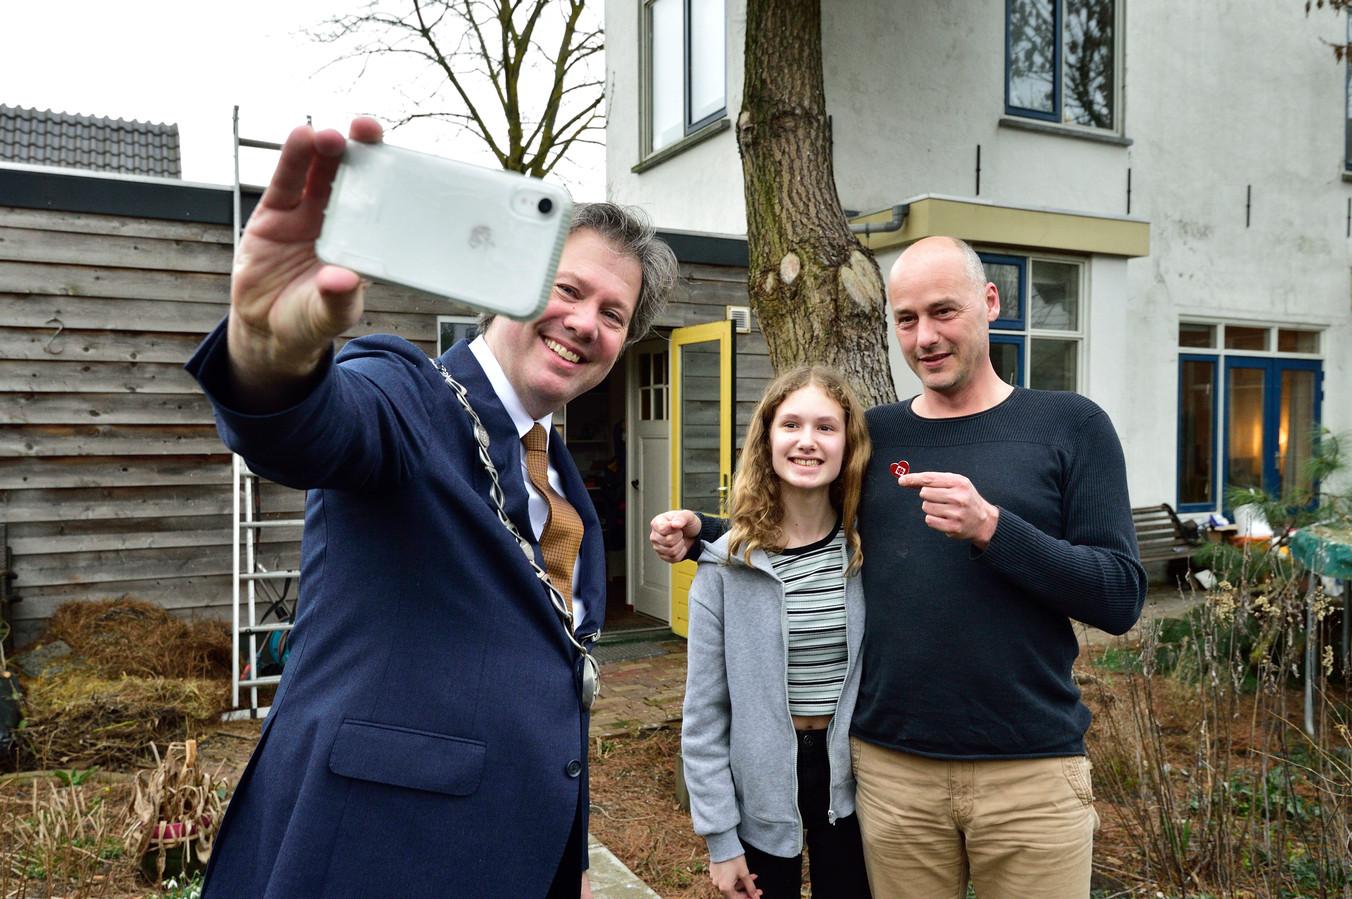 Burgemeester Danny de Vries maakt een selfie met 'held' Sjoerd Moolenaar en dochter Nora.